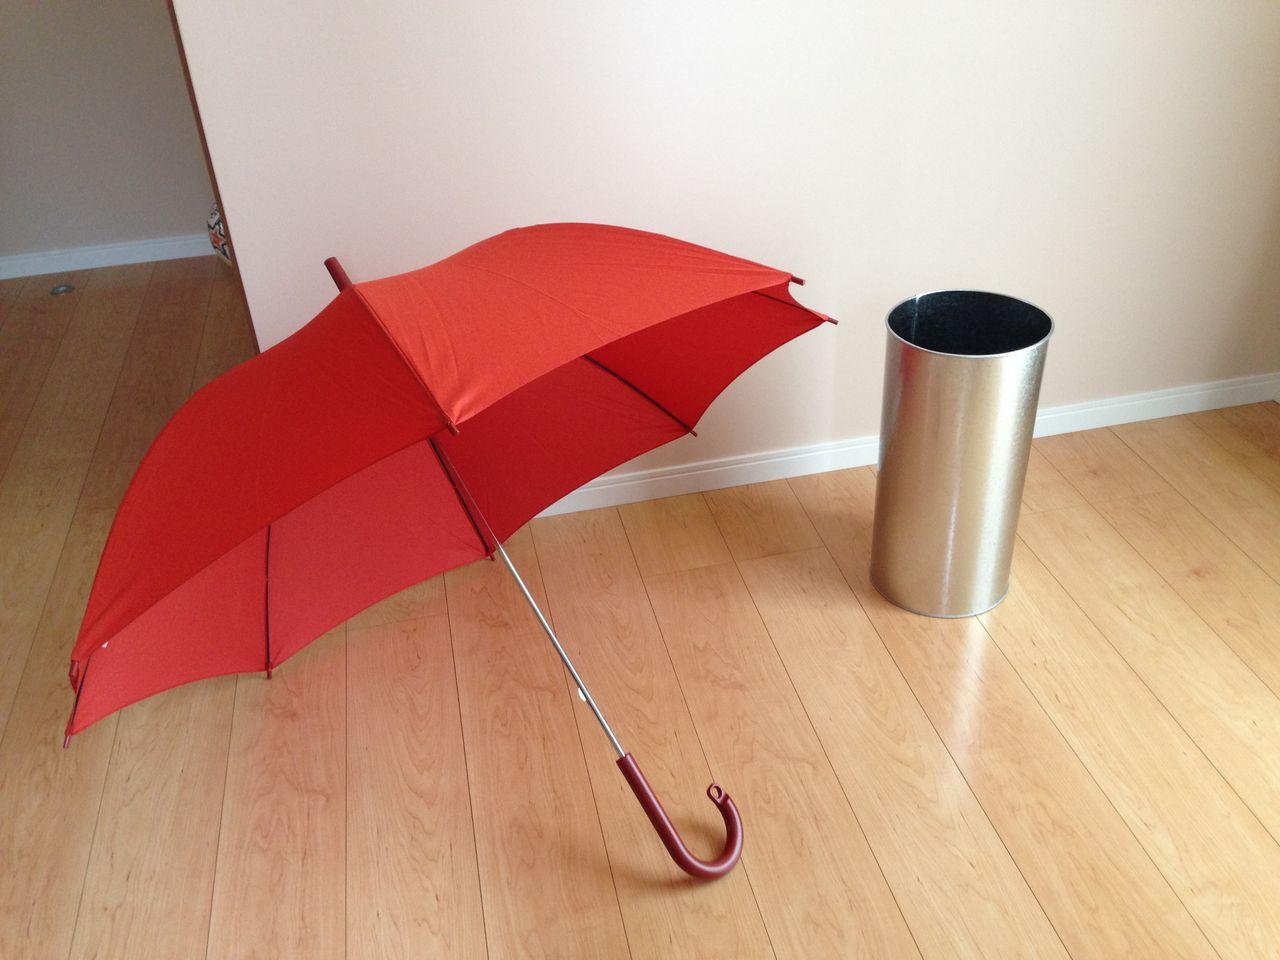 壁にぴったりと傘がついてしまうため、 濡れた傘はこの場所にはおけません。 一度乾かしたものを置くようにしなければならない… と気付きました。